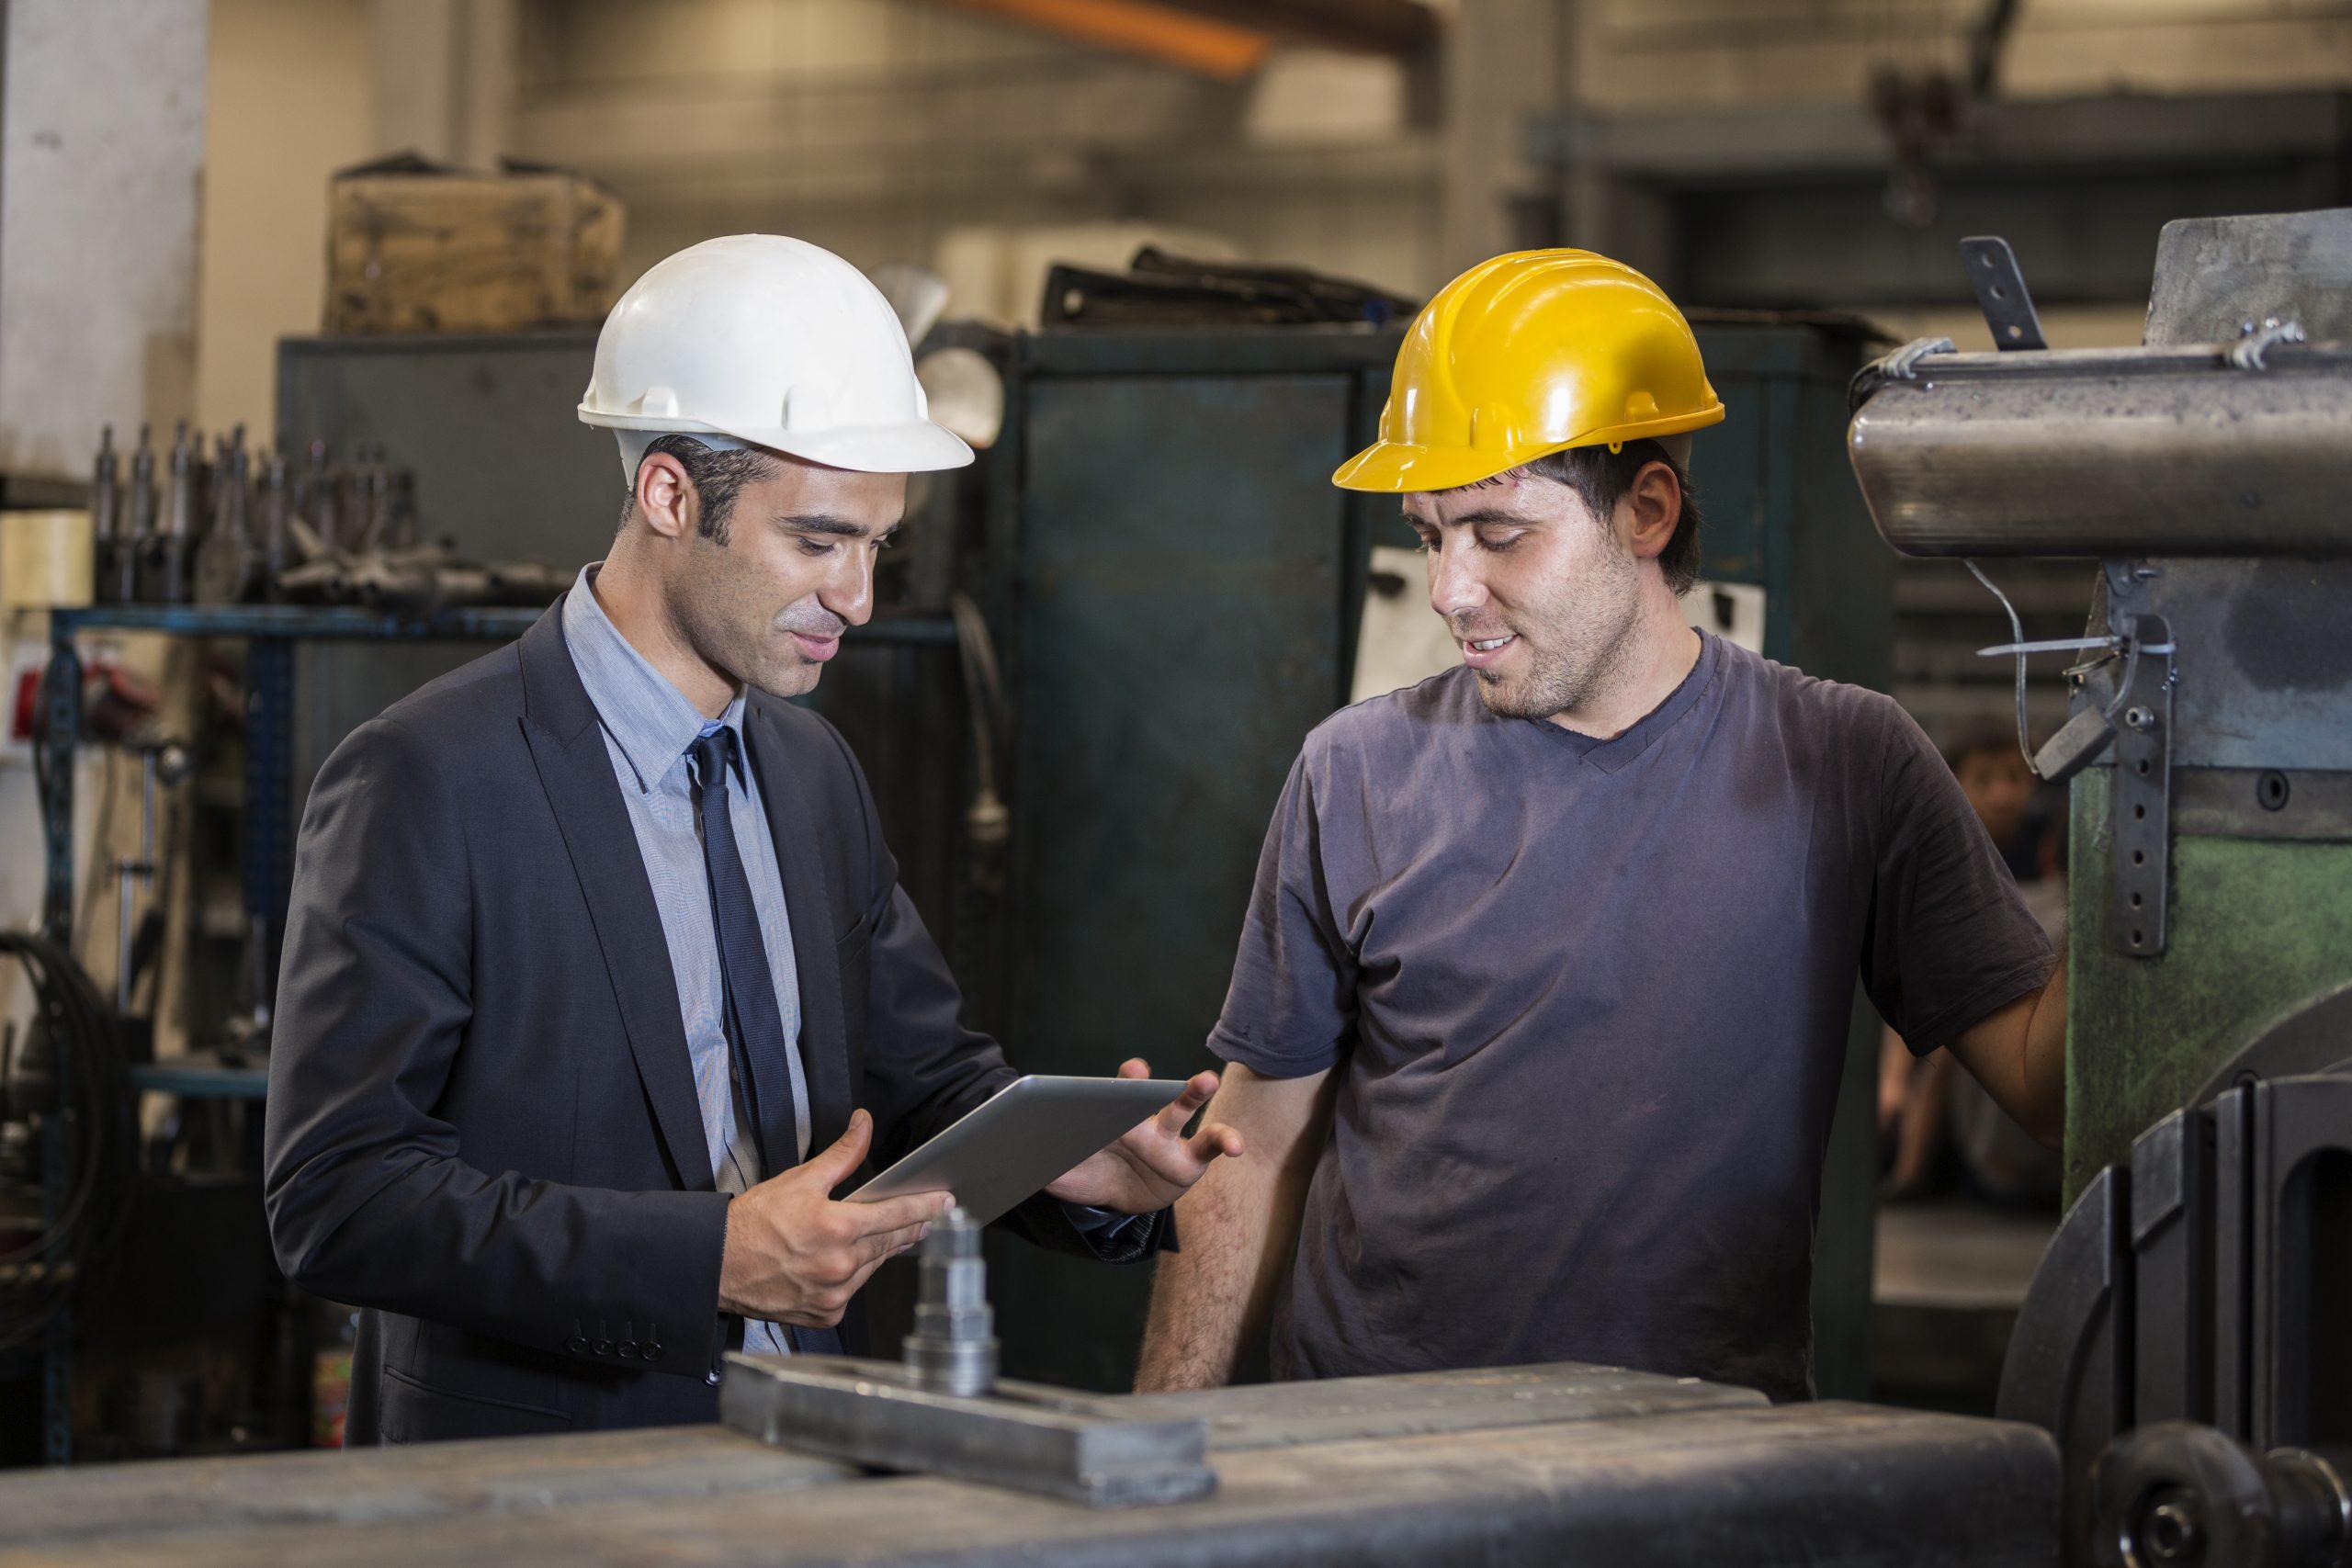 Arbeitsschutzdokumentation Unterweisung an einer Maschine